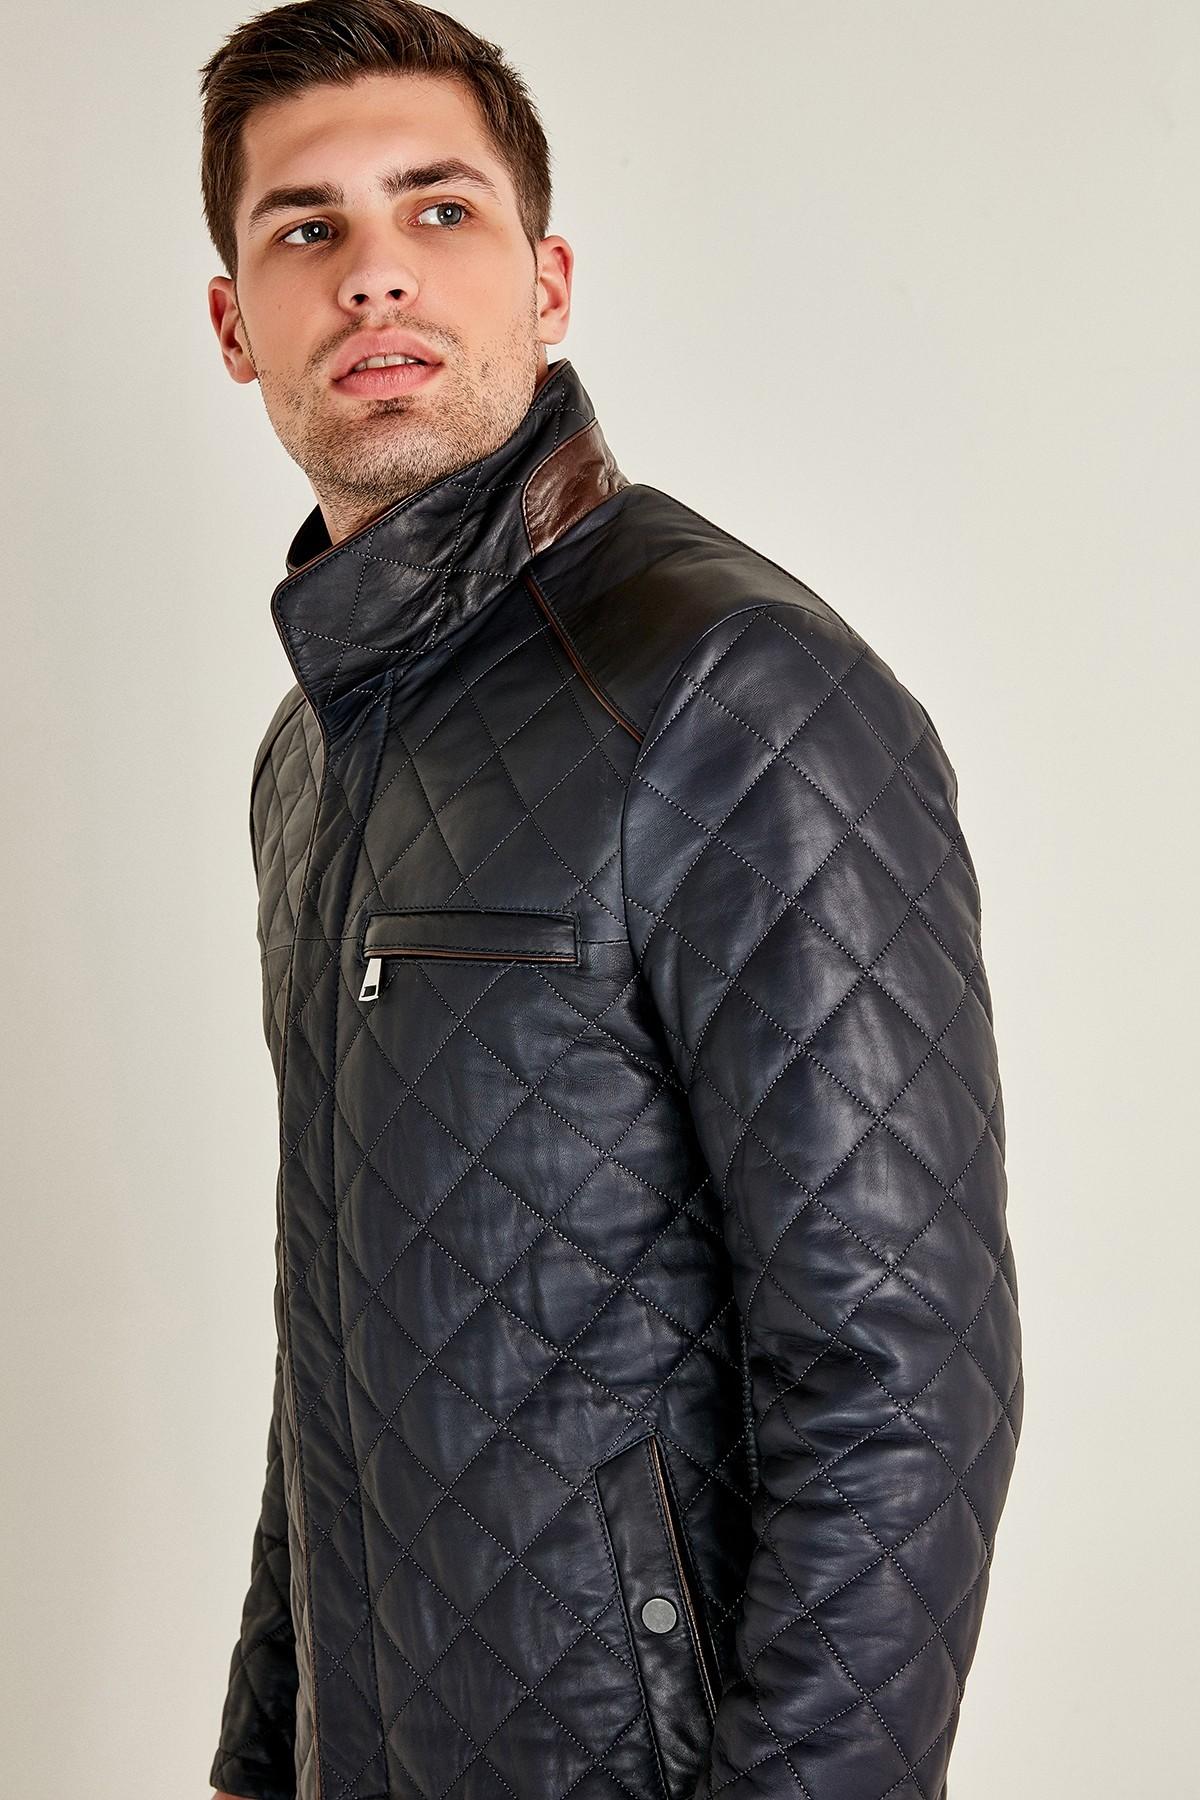 Fendi Leather Jacket Mens